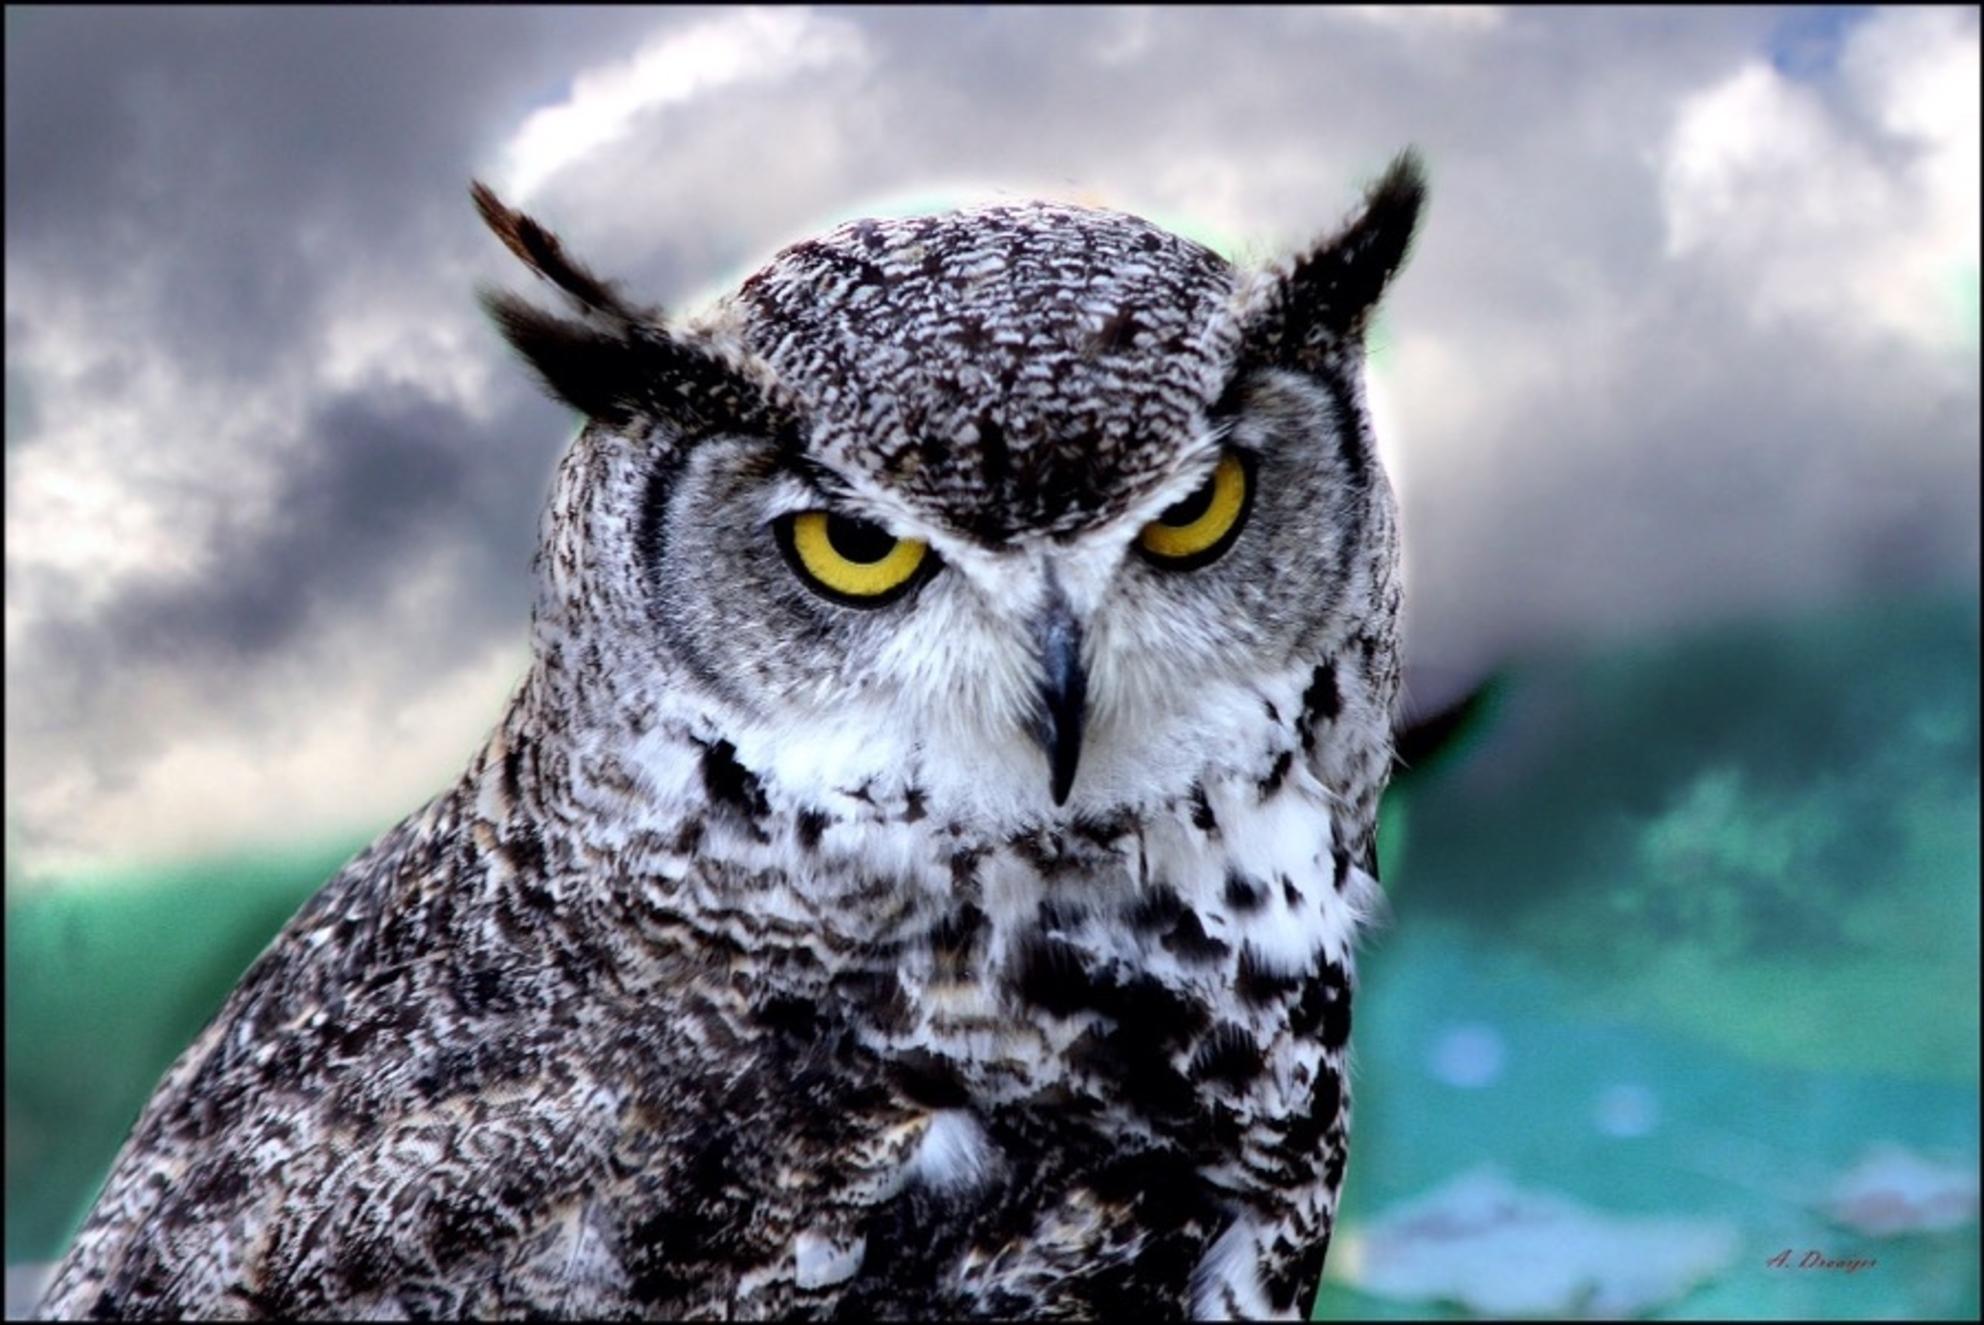 Uil - - - foto door AD1712 op 26-02-2021 - deze foto bevat: roofvogel - Deze foto mag gebruikt worden in een Zoom.nl publicatie